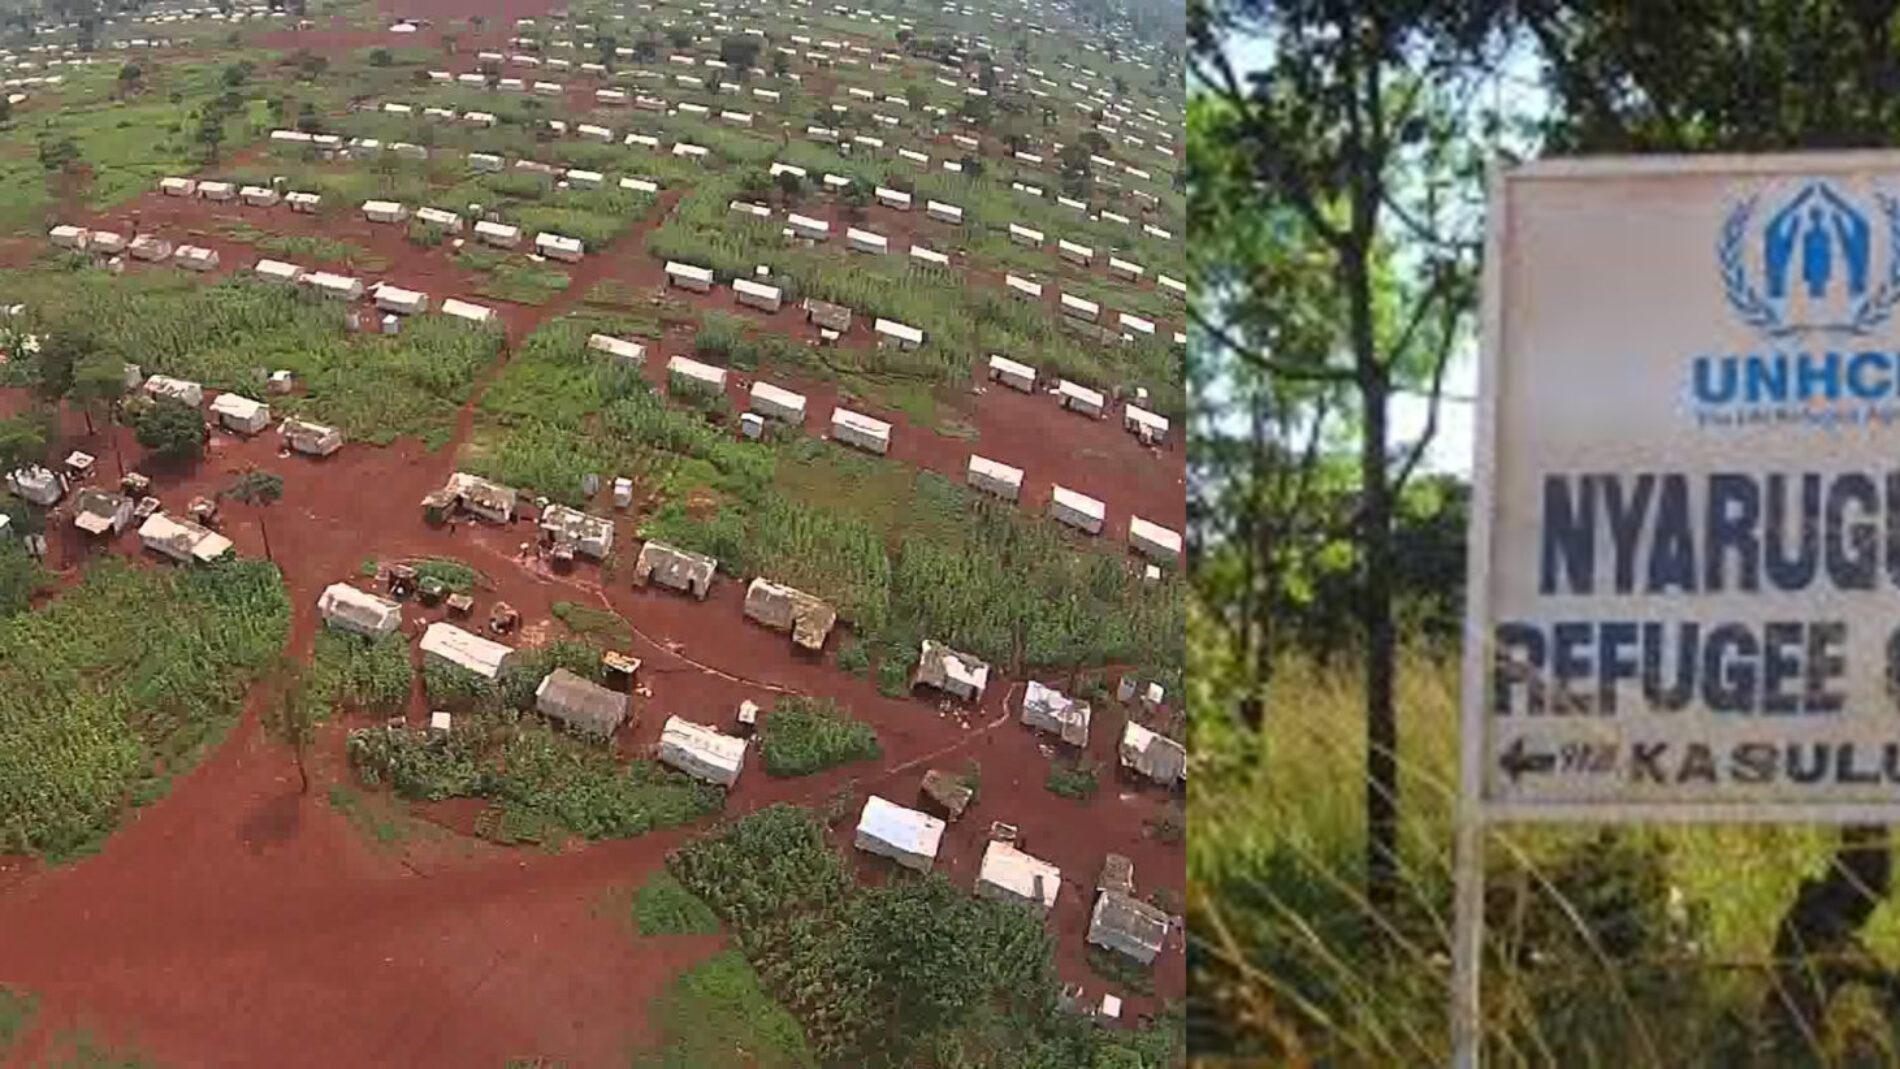 Nyarugusu (Tanzanie): la police impose un couvre feu, des réfugiés y voient une énième façon de les persécuter